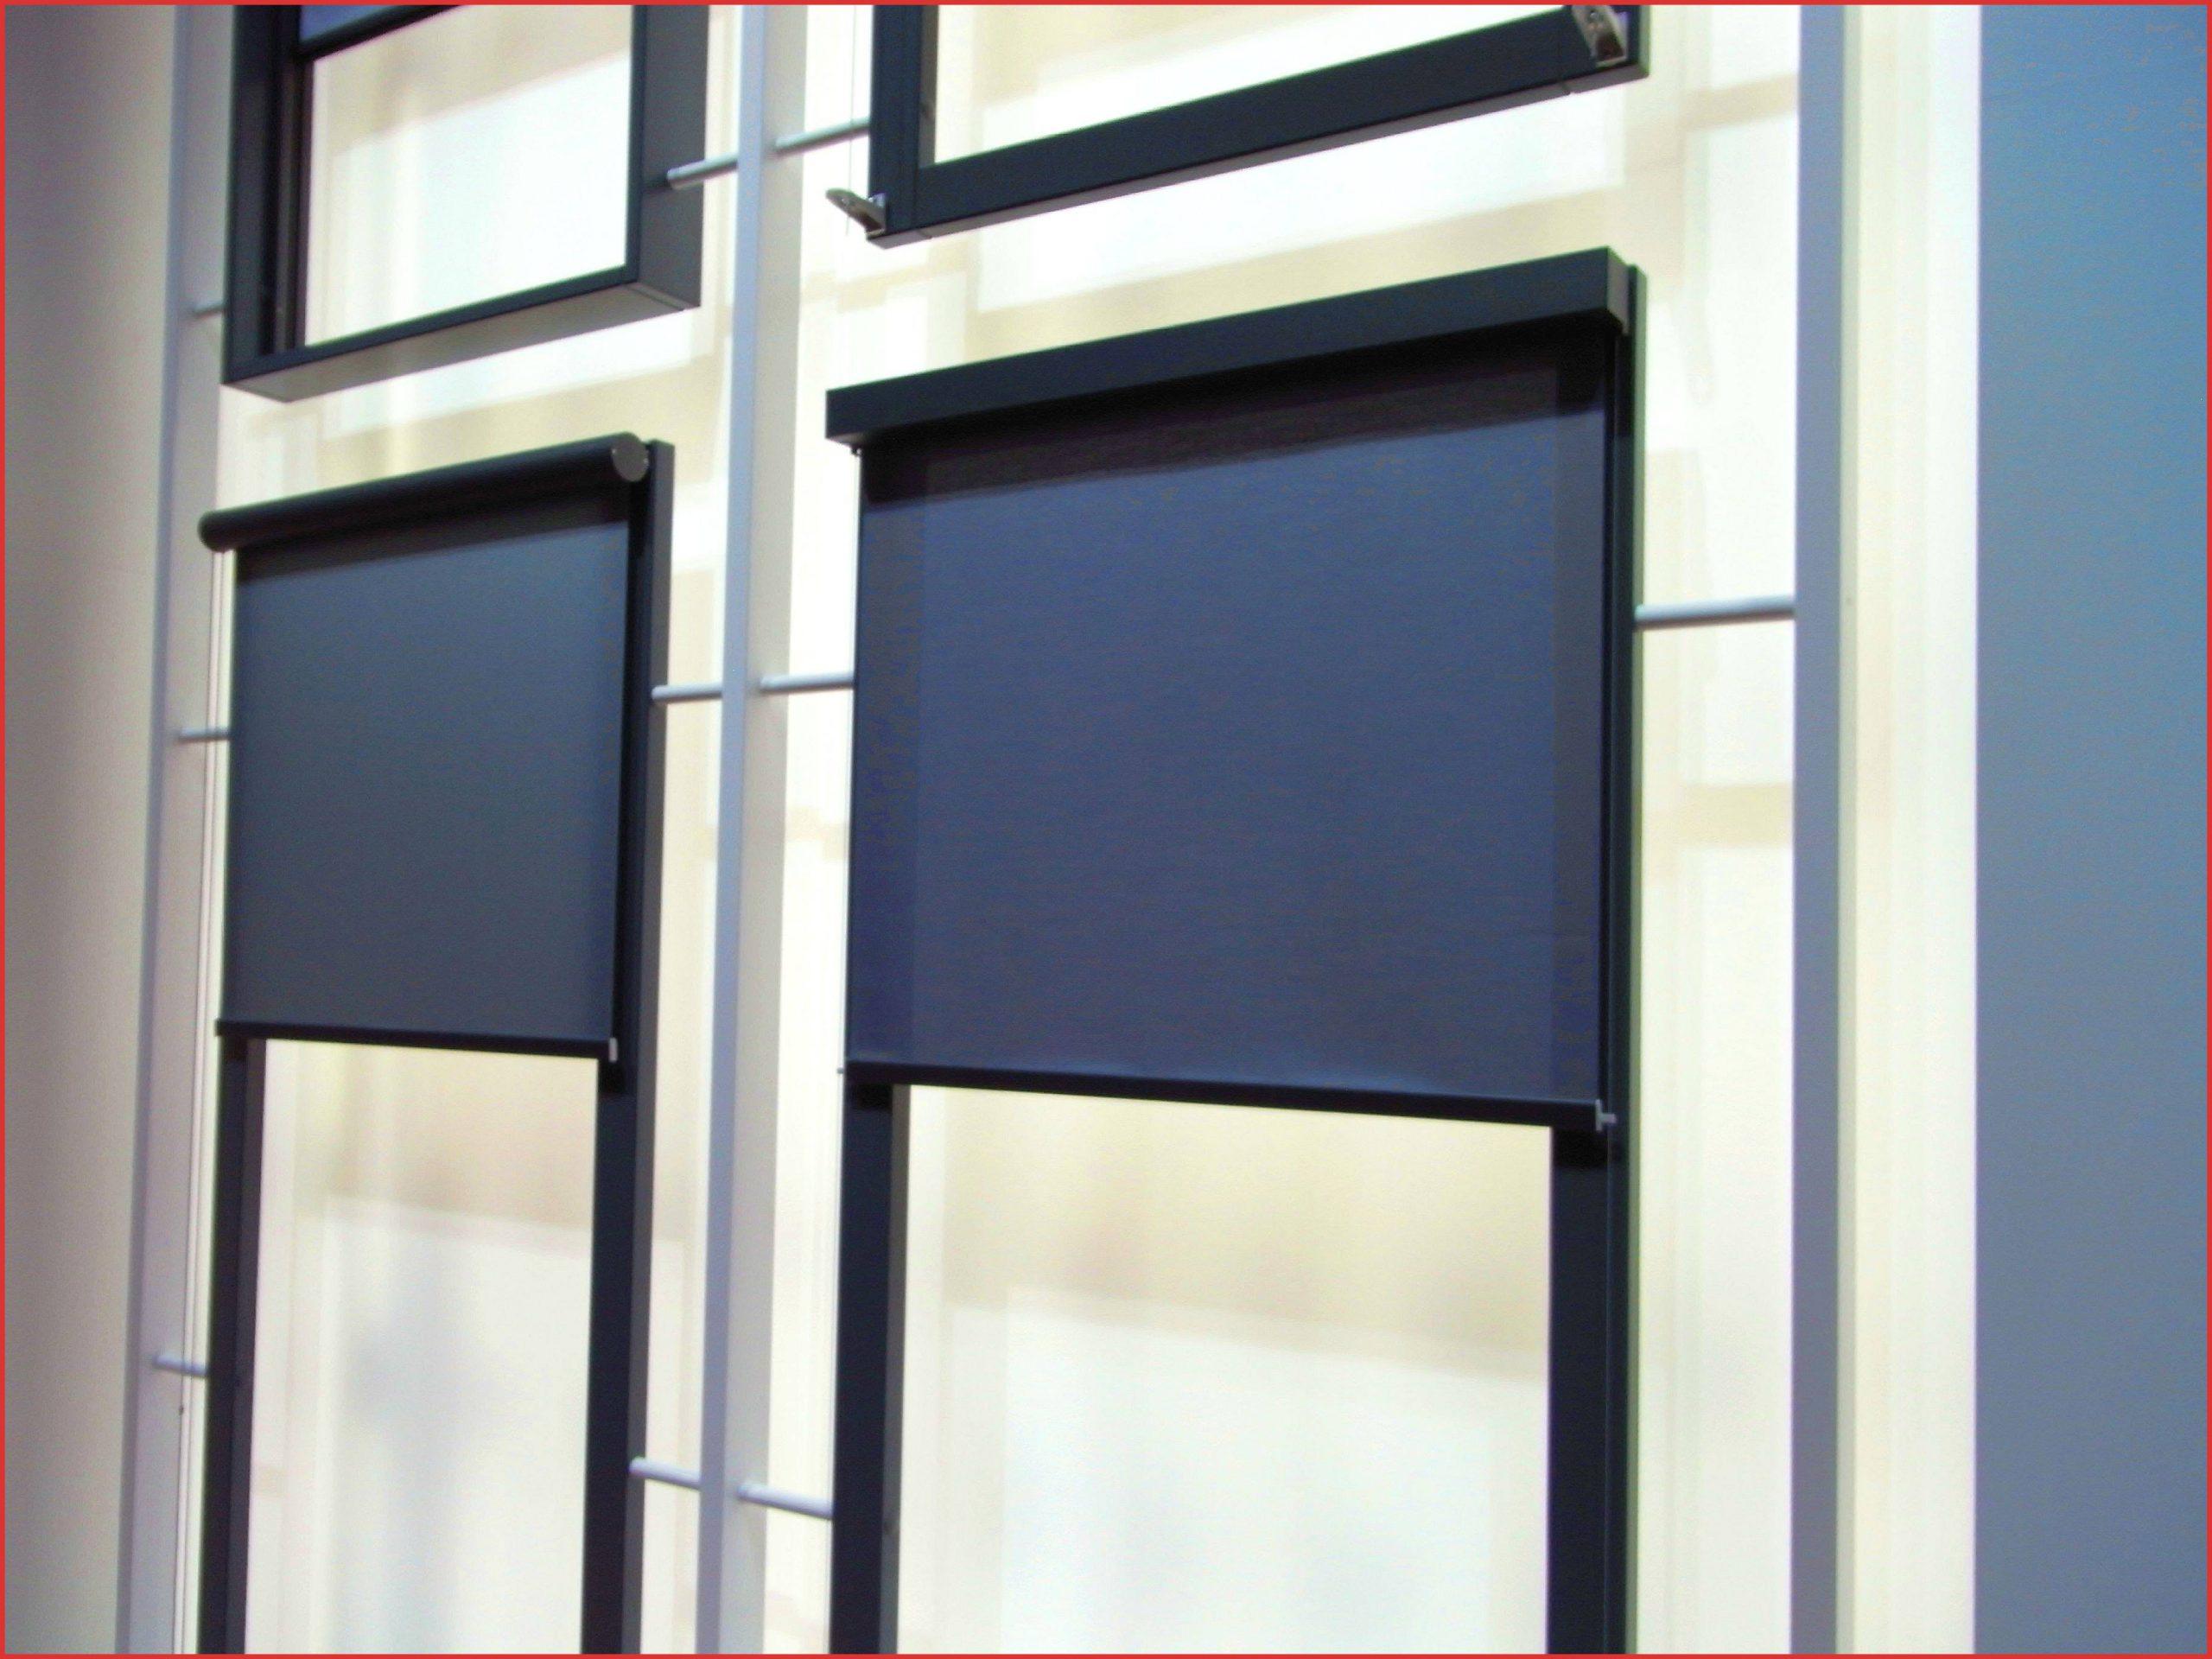 Full Size of Sonnenschutzfolie Fenster Innen Doppelverglasung Baumarkt Selbsthaftend Anbringen Montage Hitzeschutzfolie Oder Aussen Test Entfernen Obi Sonnenschutz Weru Fenster Sonnenschutzfolie Fenster Innen